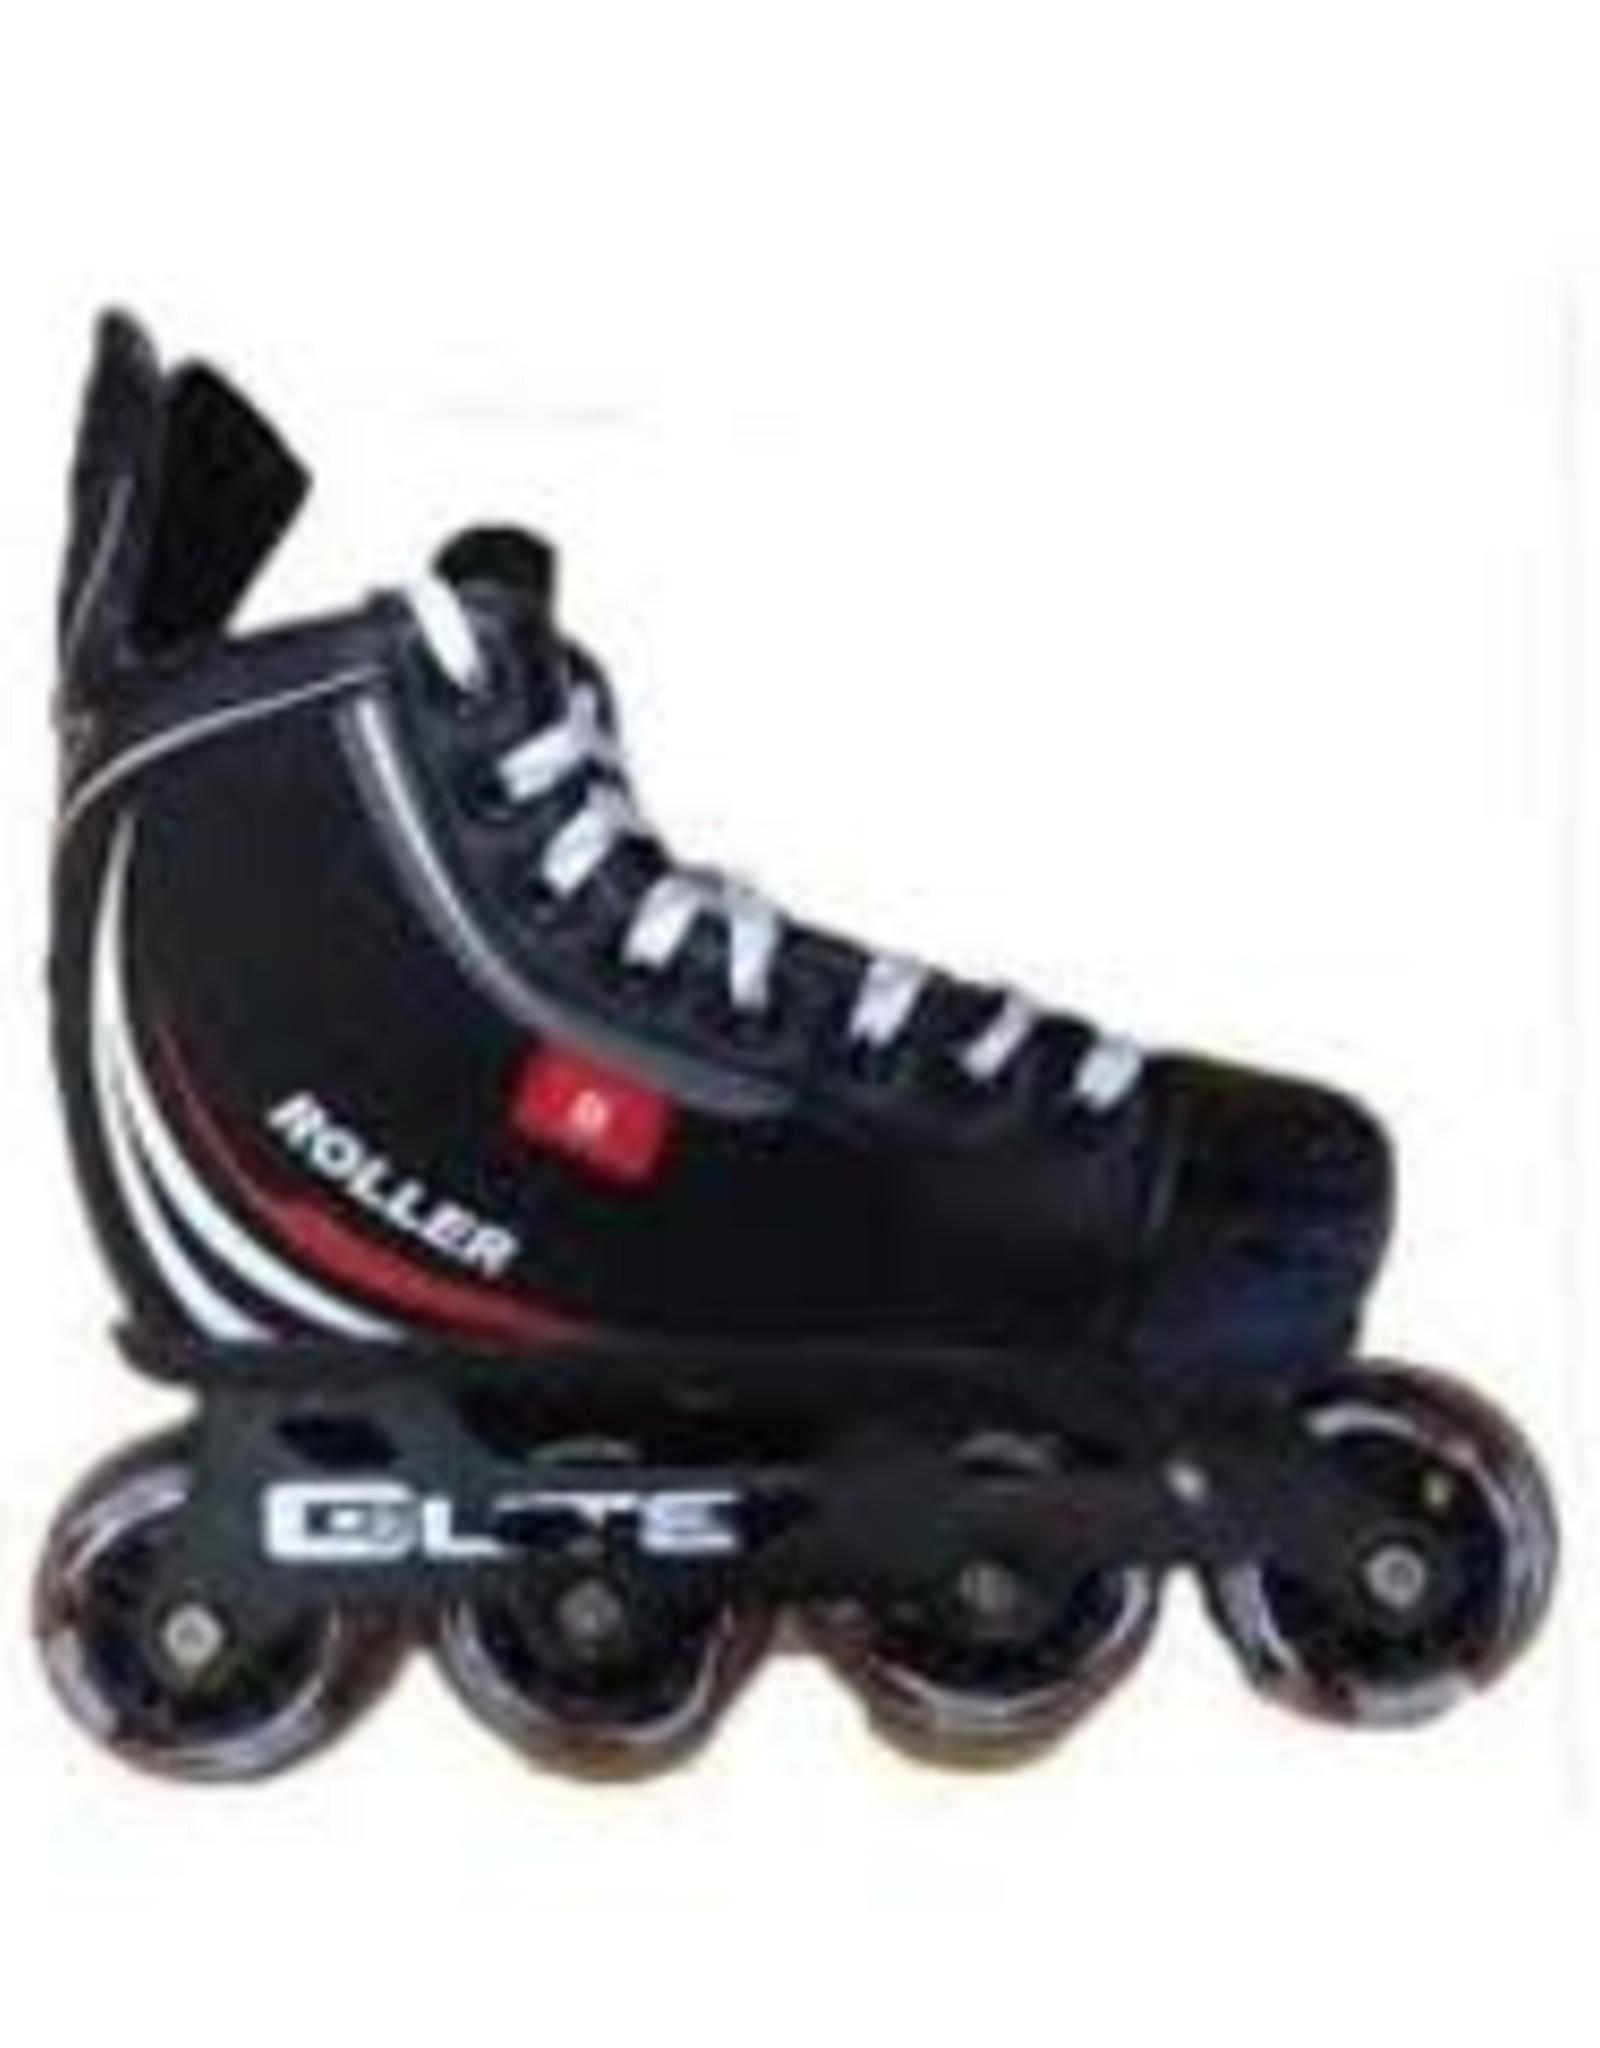 Roller Hky ajustable